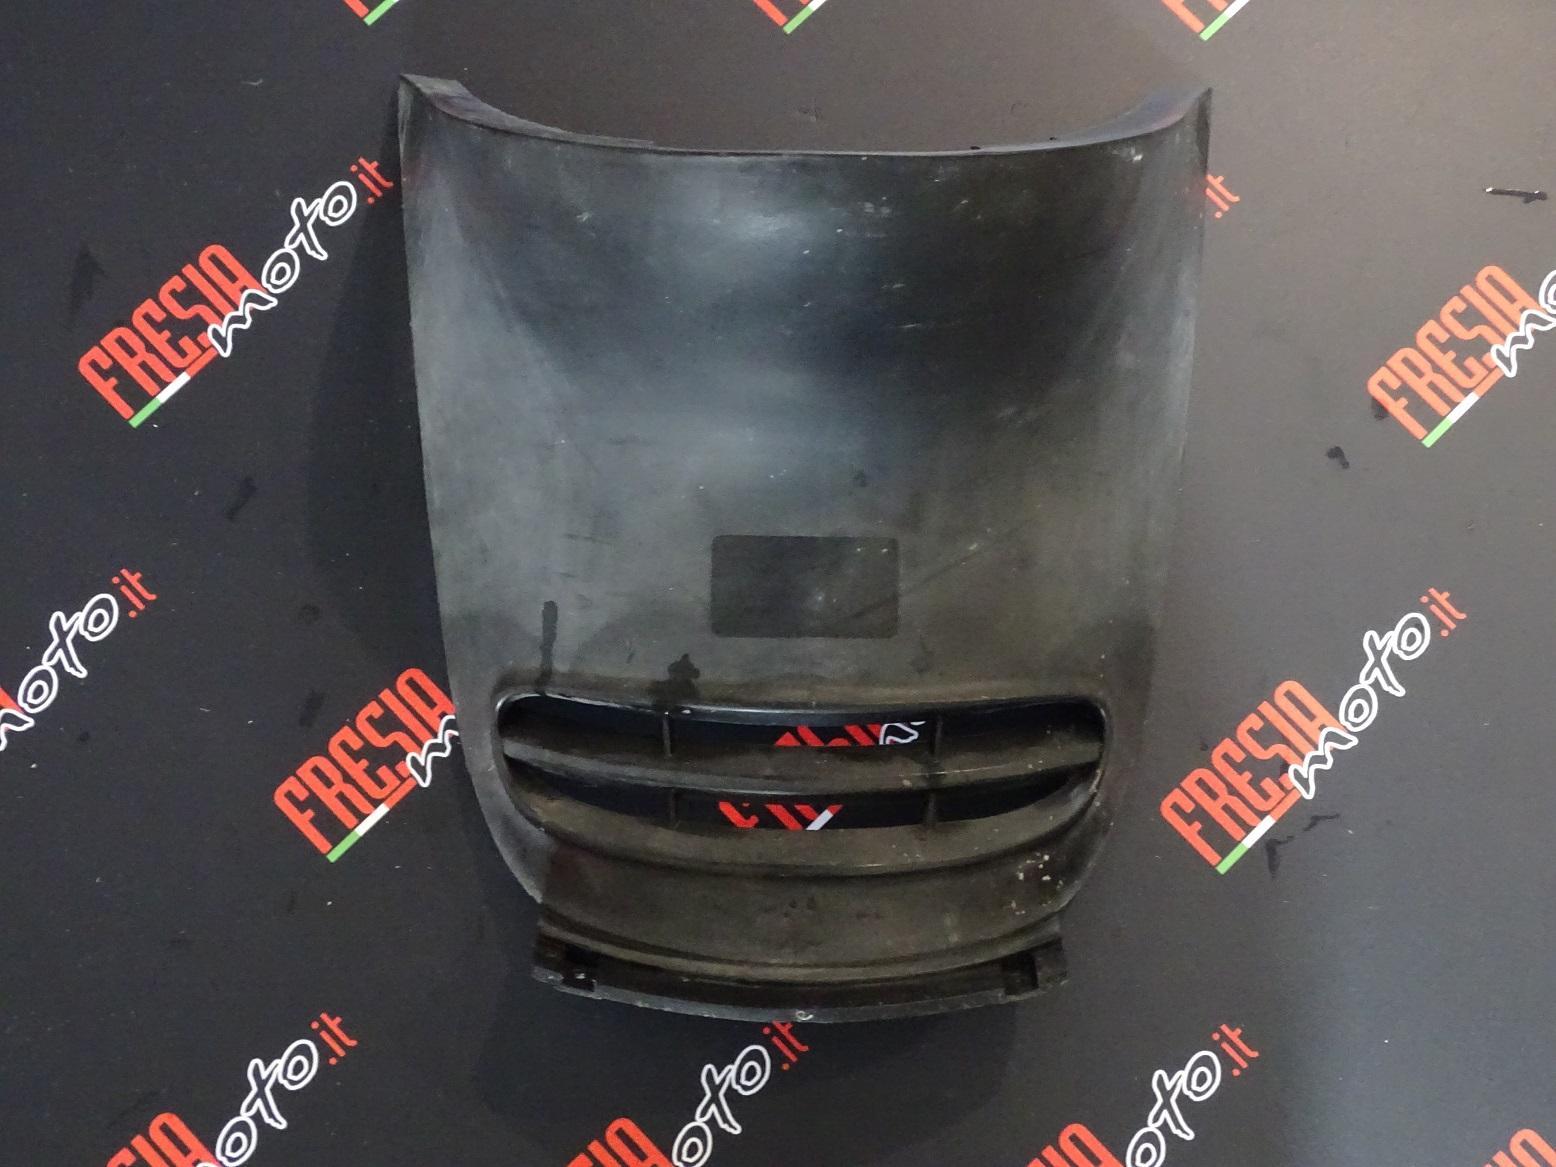 PLASTICA PROTEZIONE MOTORE USATA KYMCO GRAND DINK 250 ANNO 2004